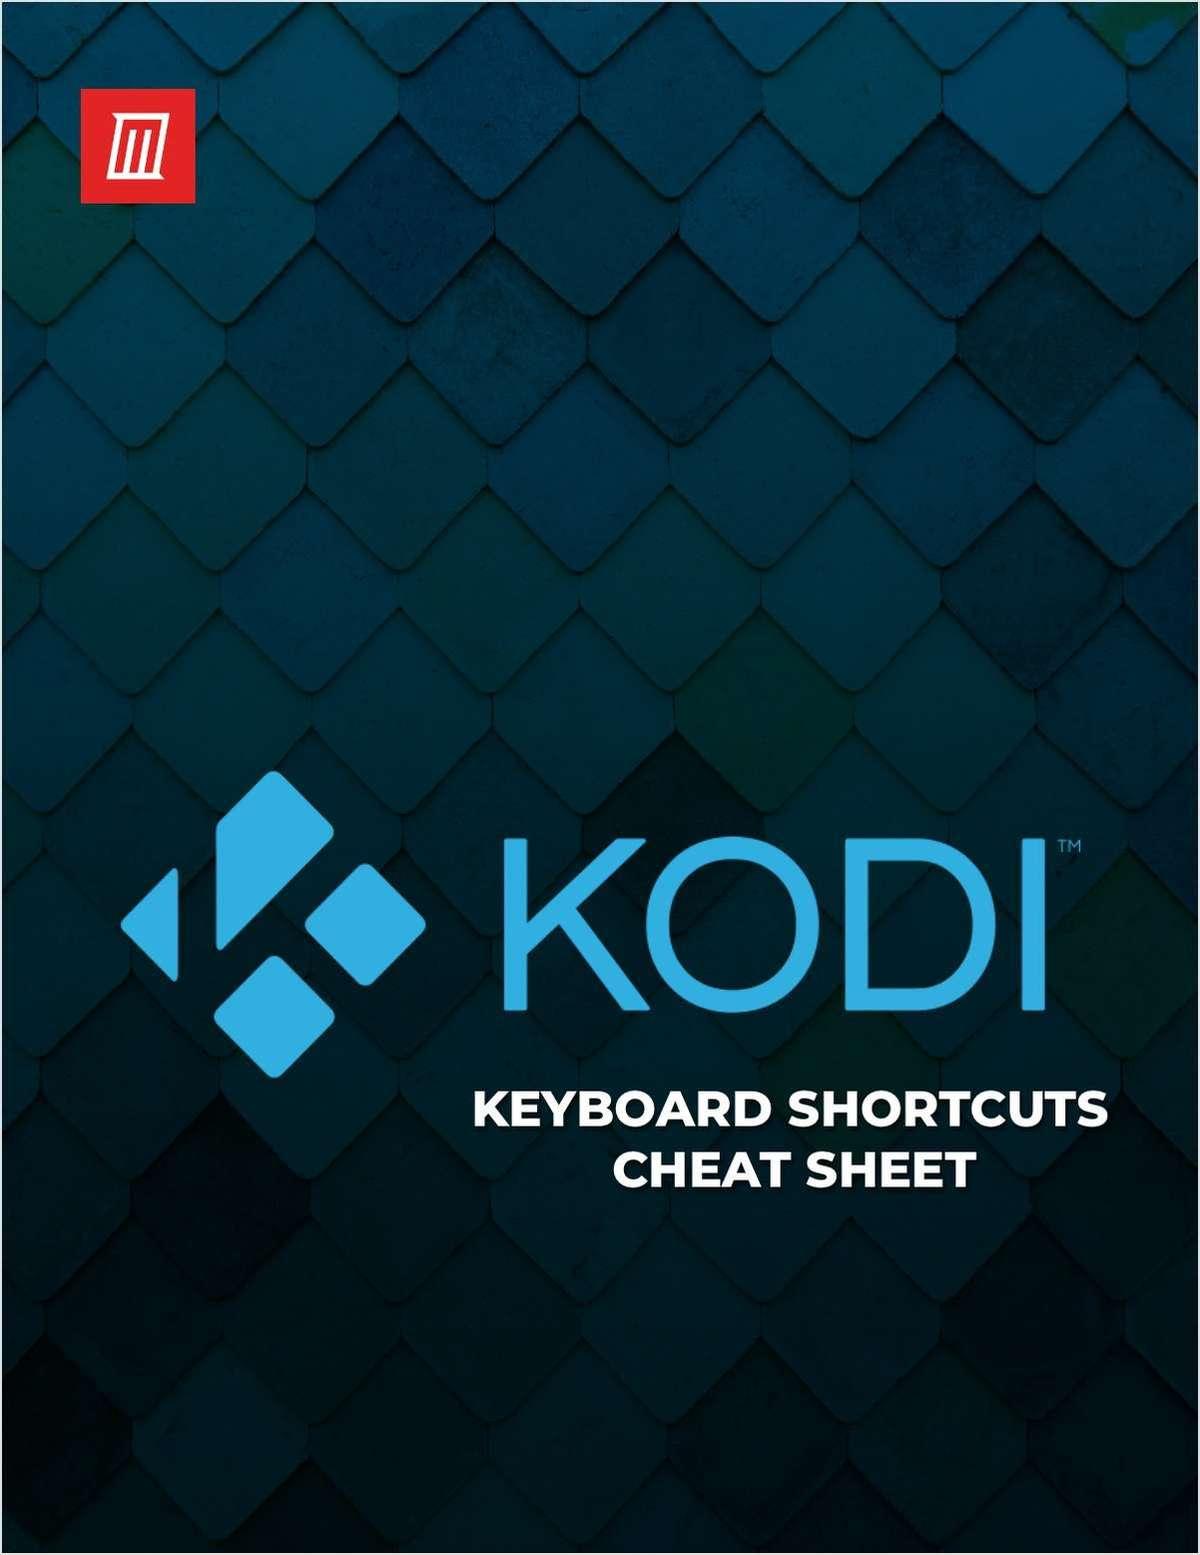 Kodi Keyboard Shortcuts